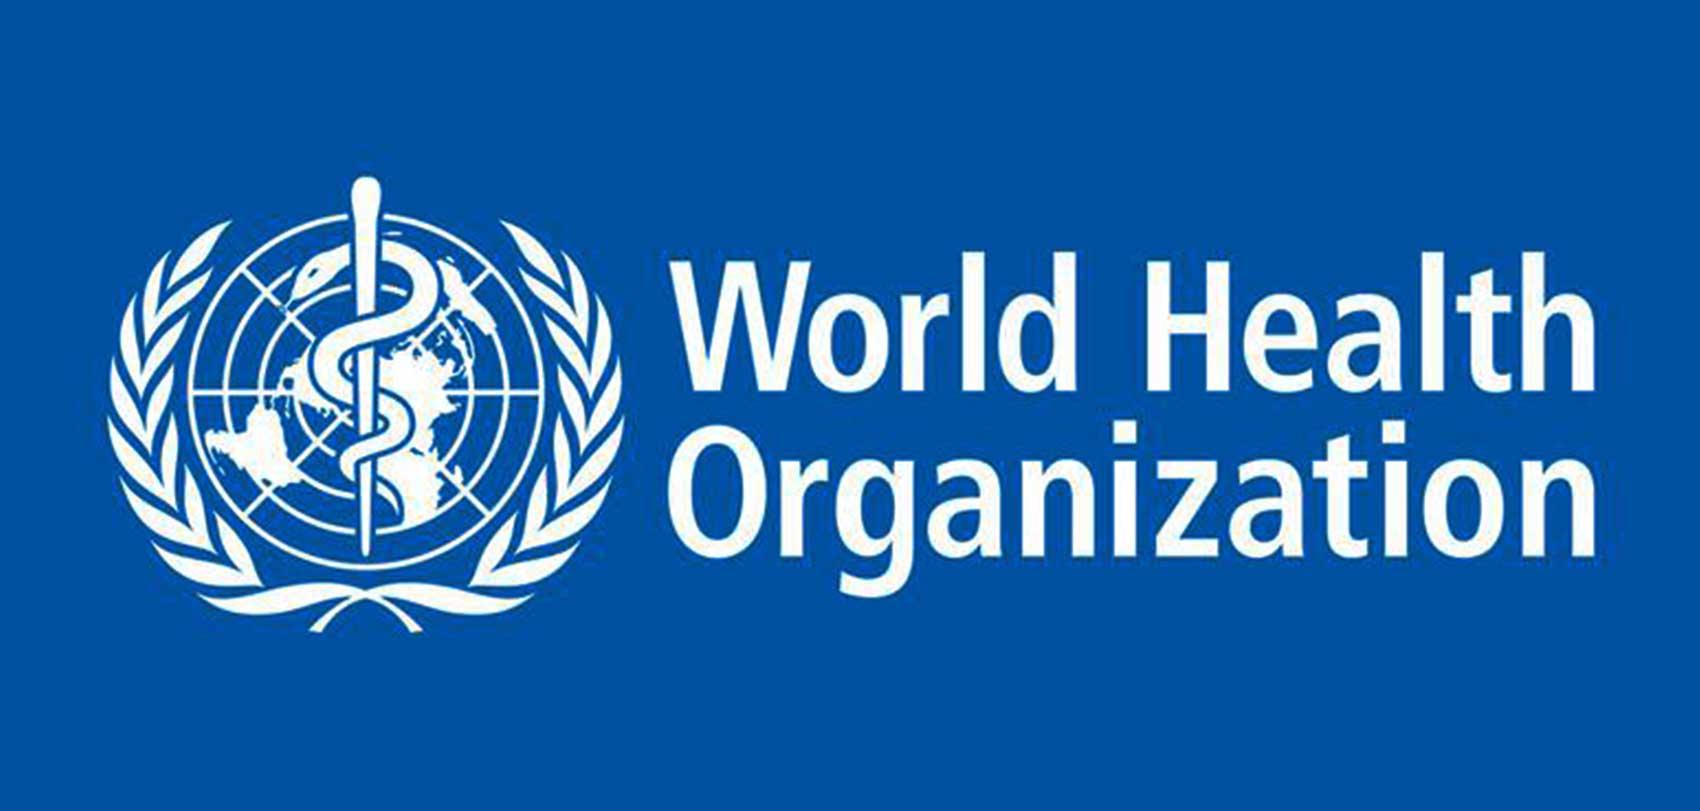 विश्वका १३२ देशमा फैलियो डेल्टा भेरियन्ट:डब्लुएचओ